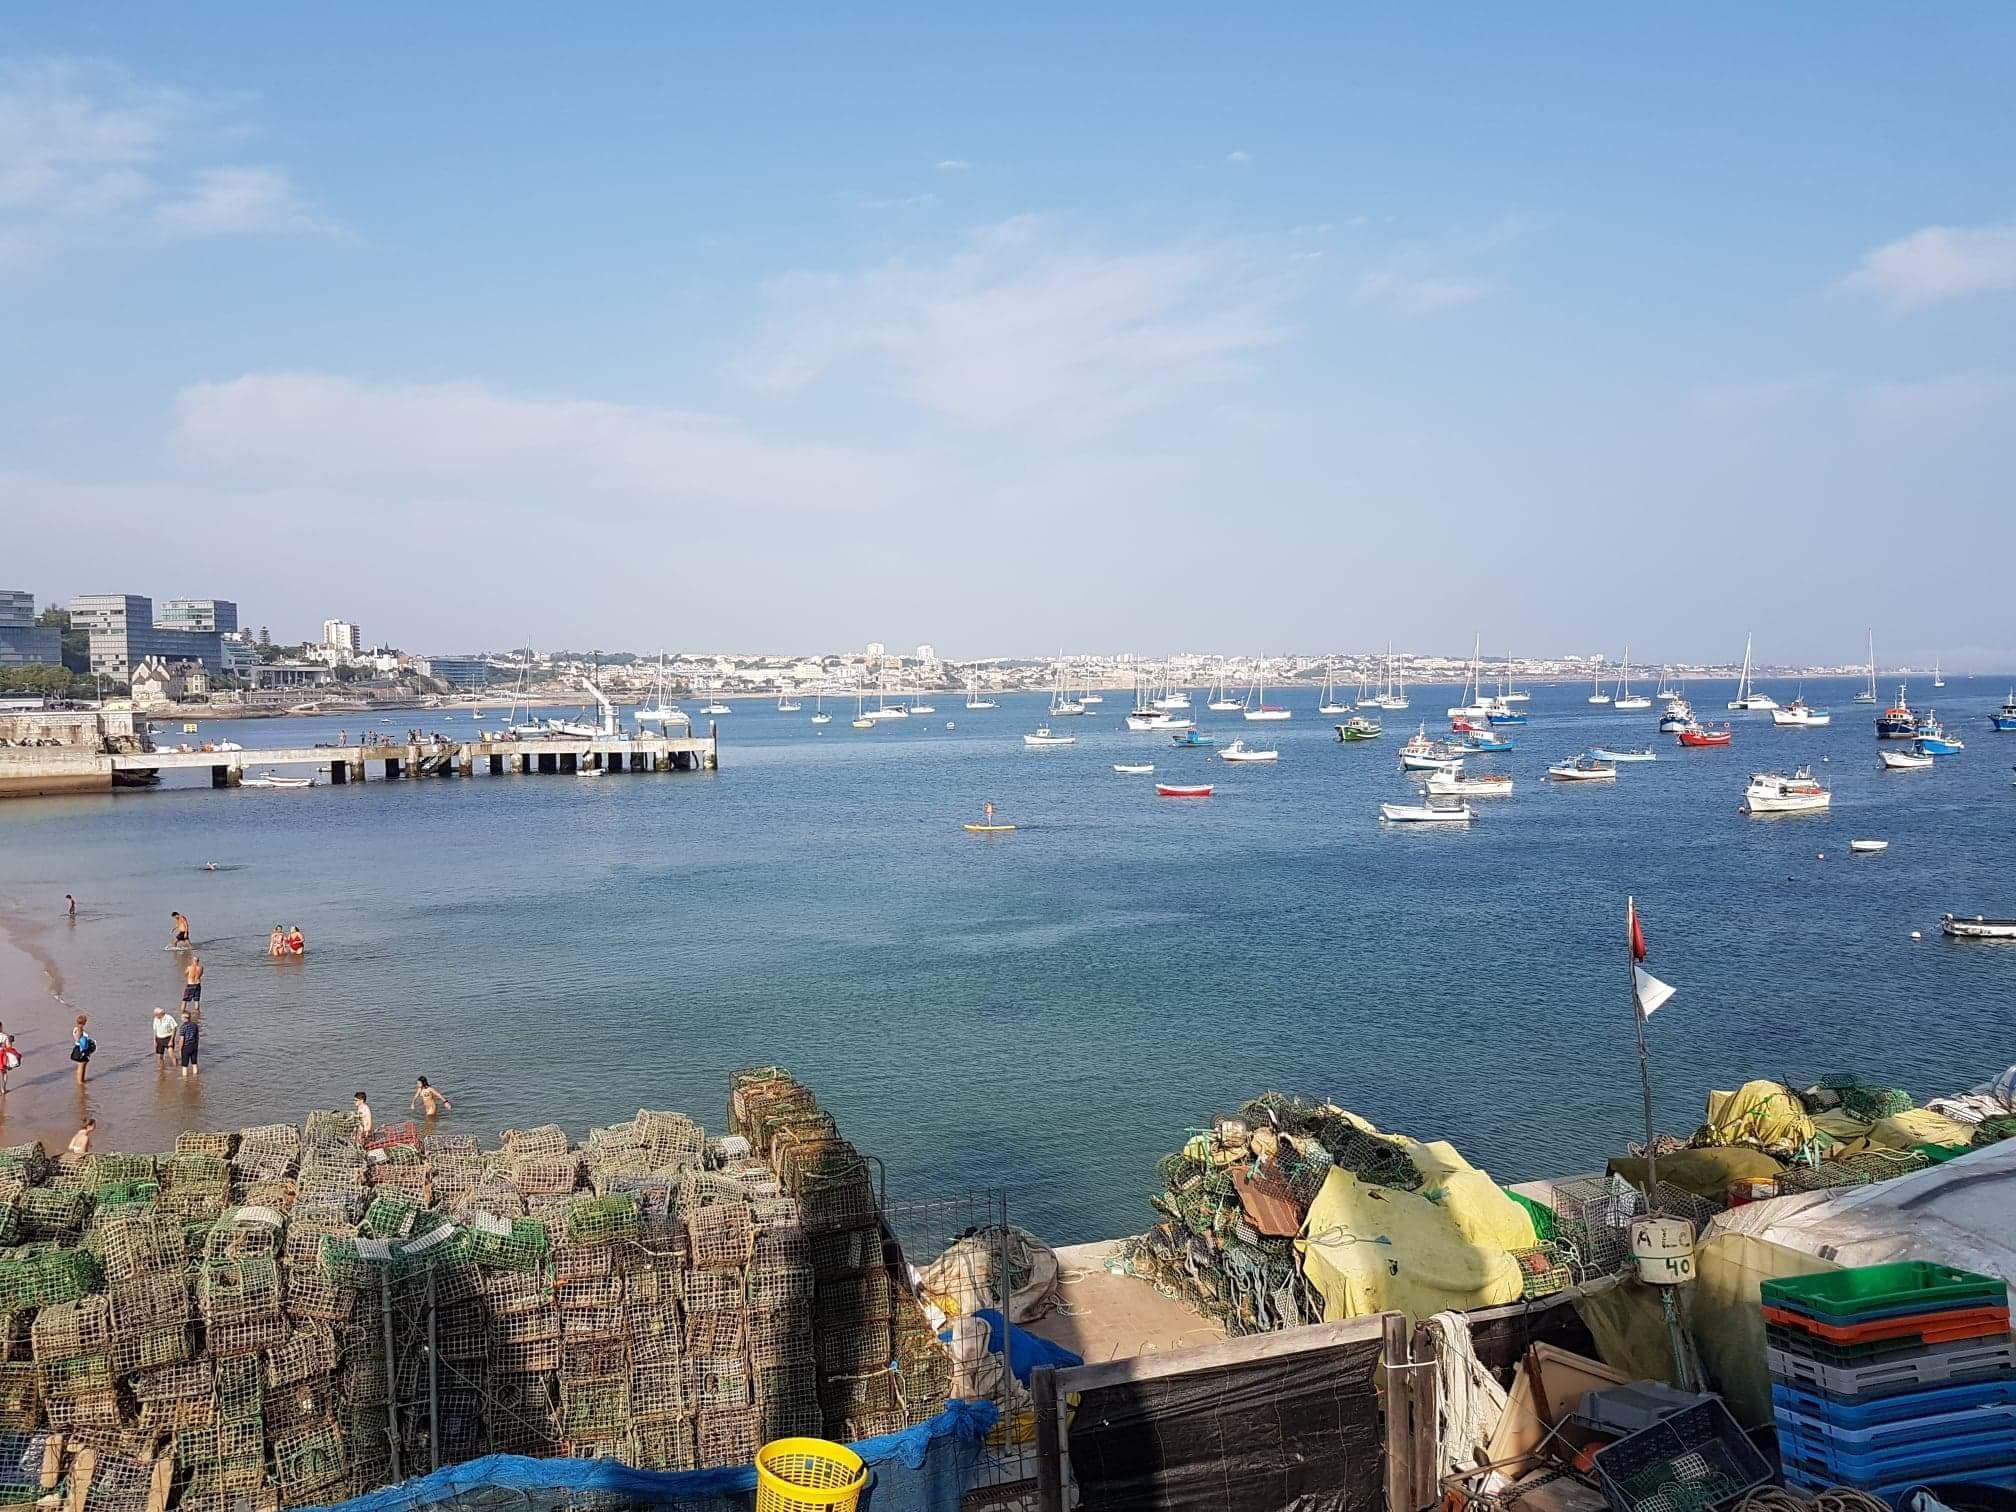 hastighet dating Cherbourg nörd dating UK gratis